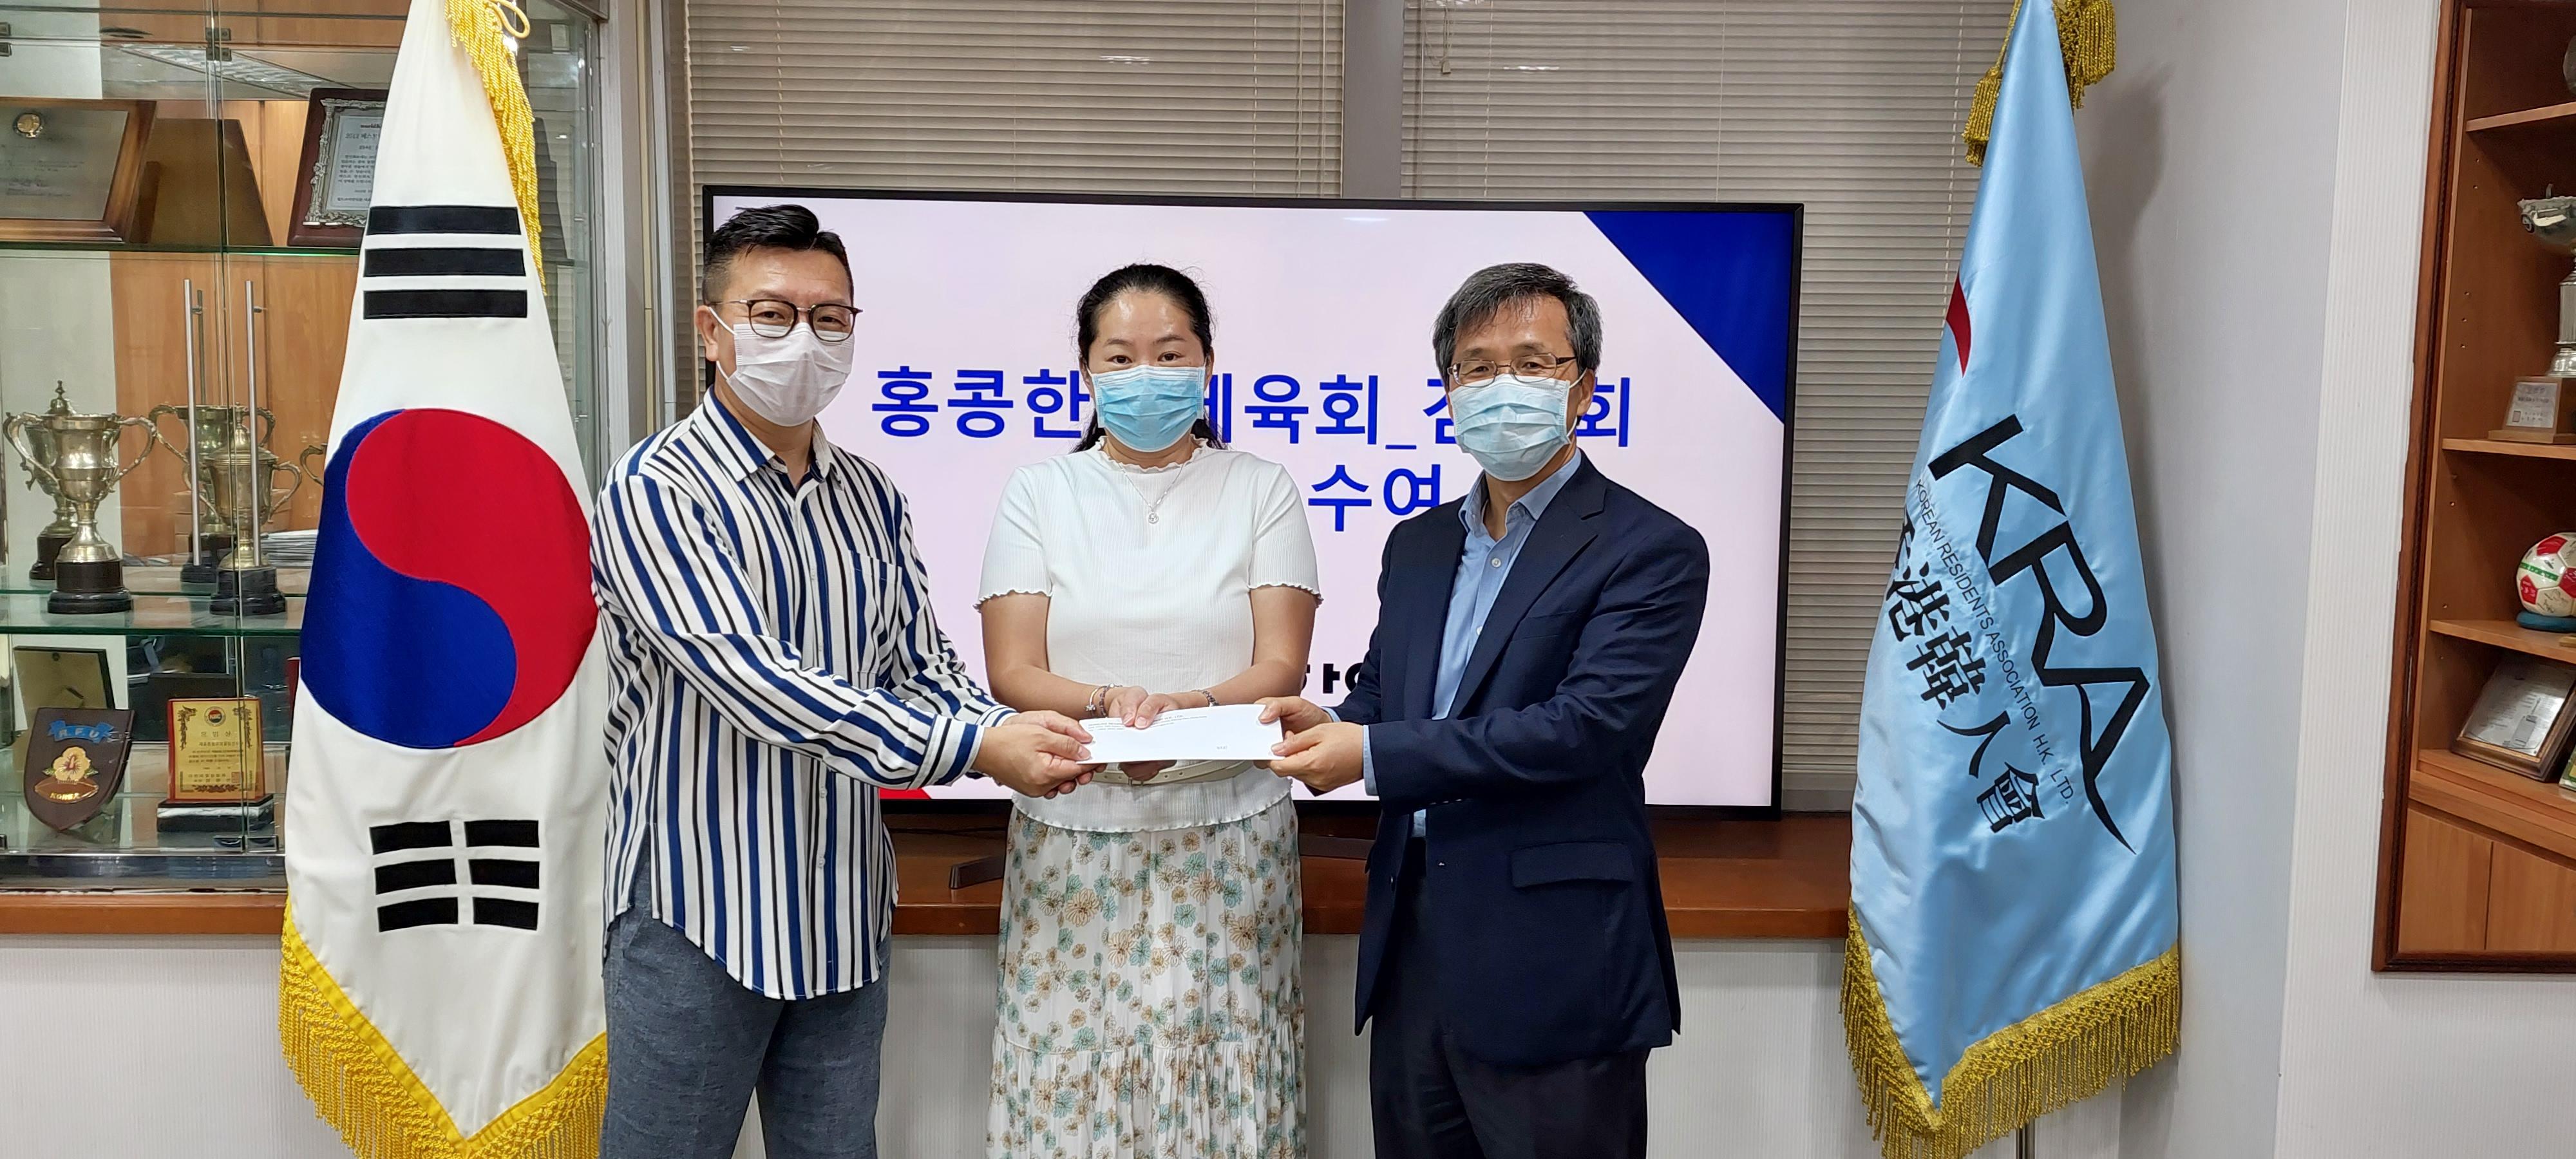 20210802 검도회 지원금 수여.jpg